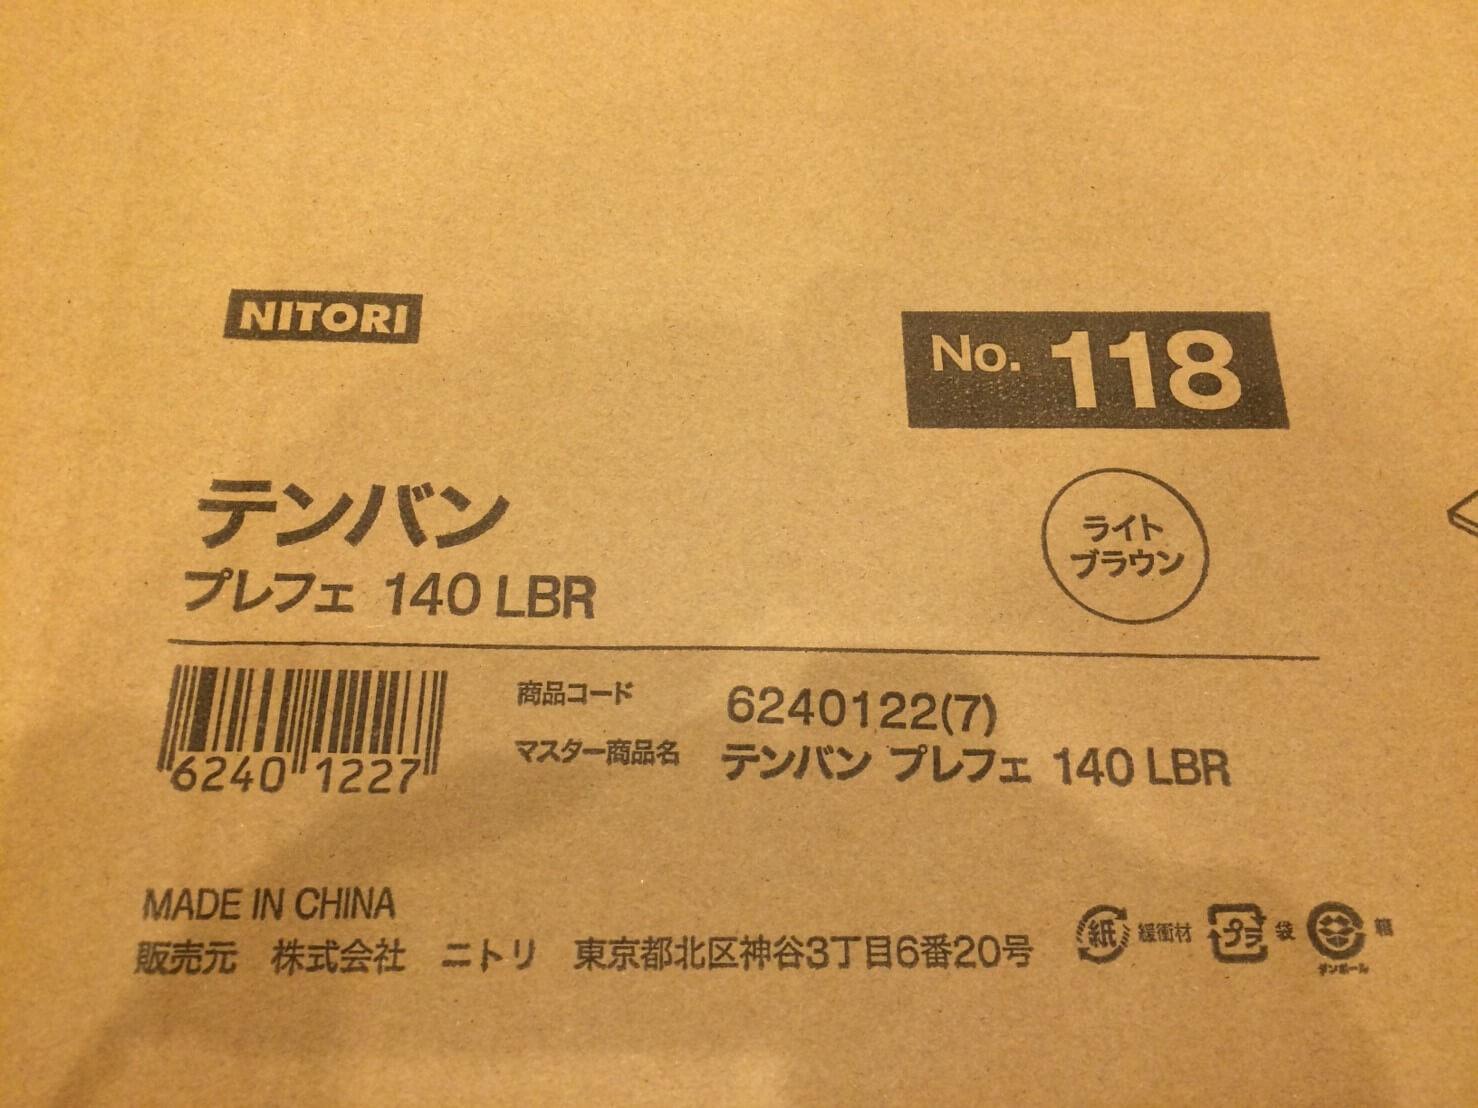 247f9bafacb798b7f6846e4486fc7556 - サイズが絶妙!ニトリのデスクでDJブースをつくってみた!